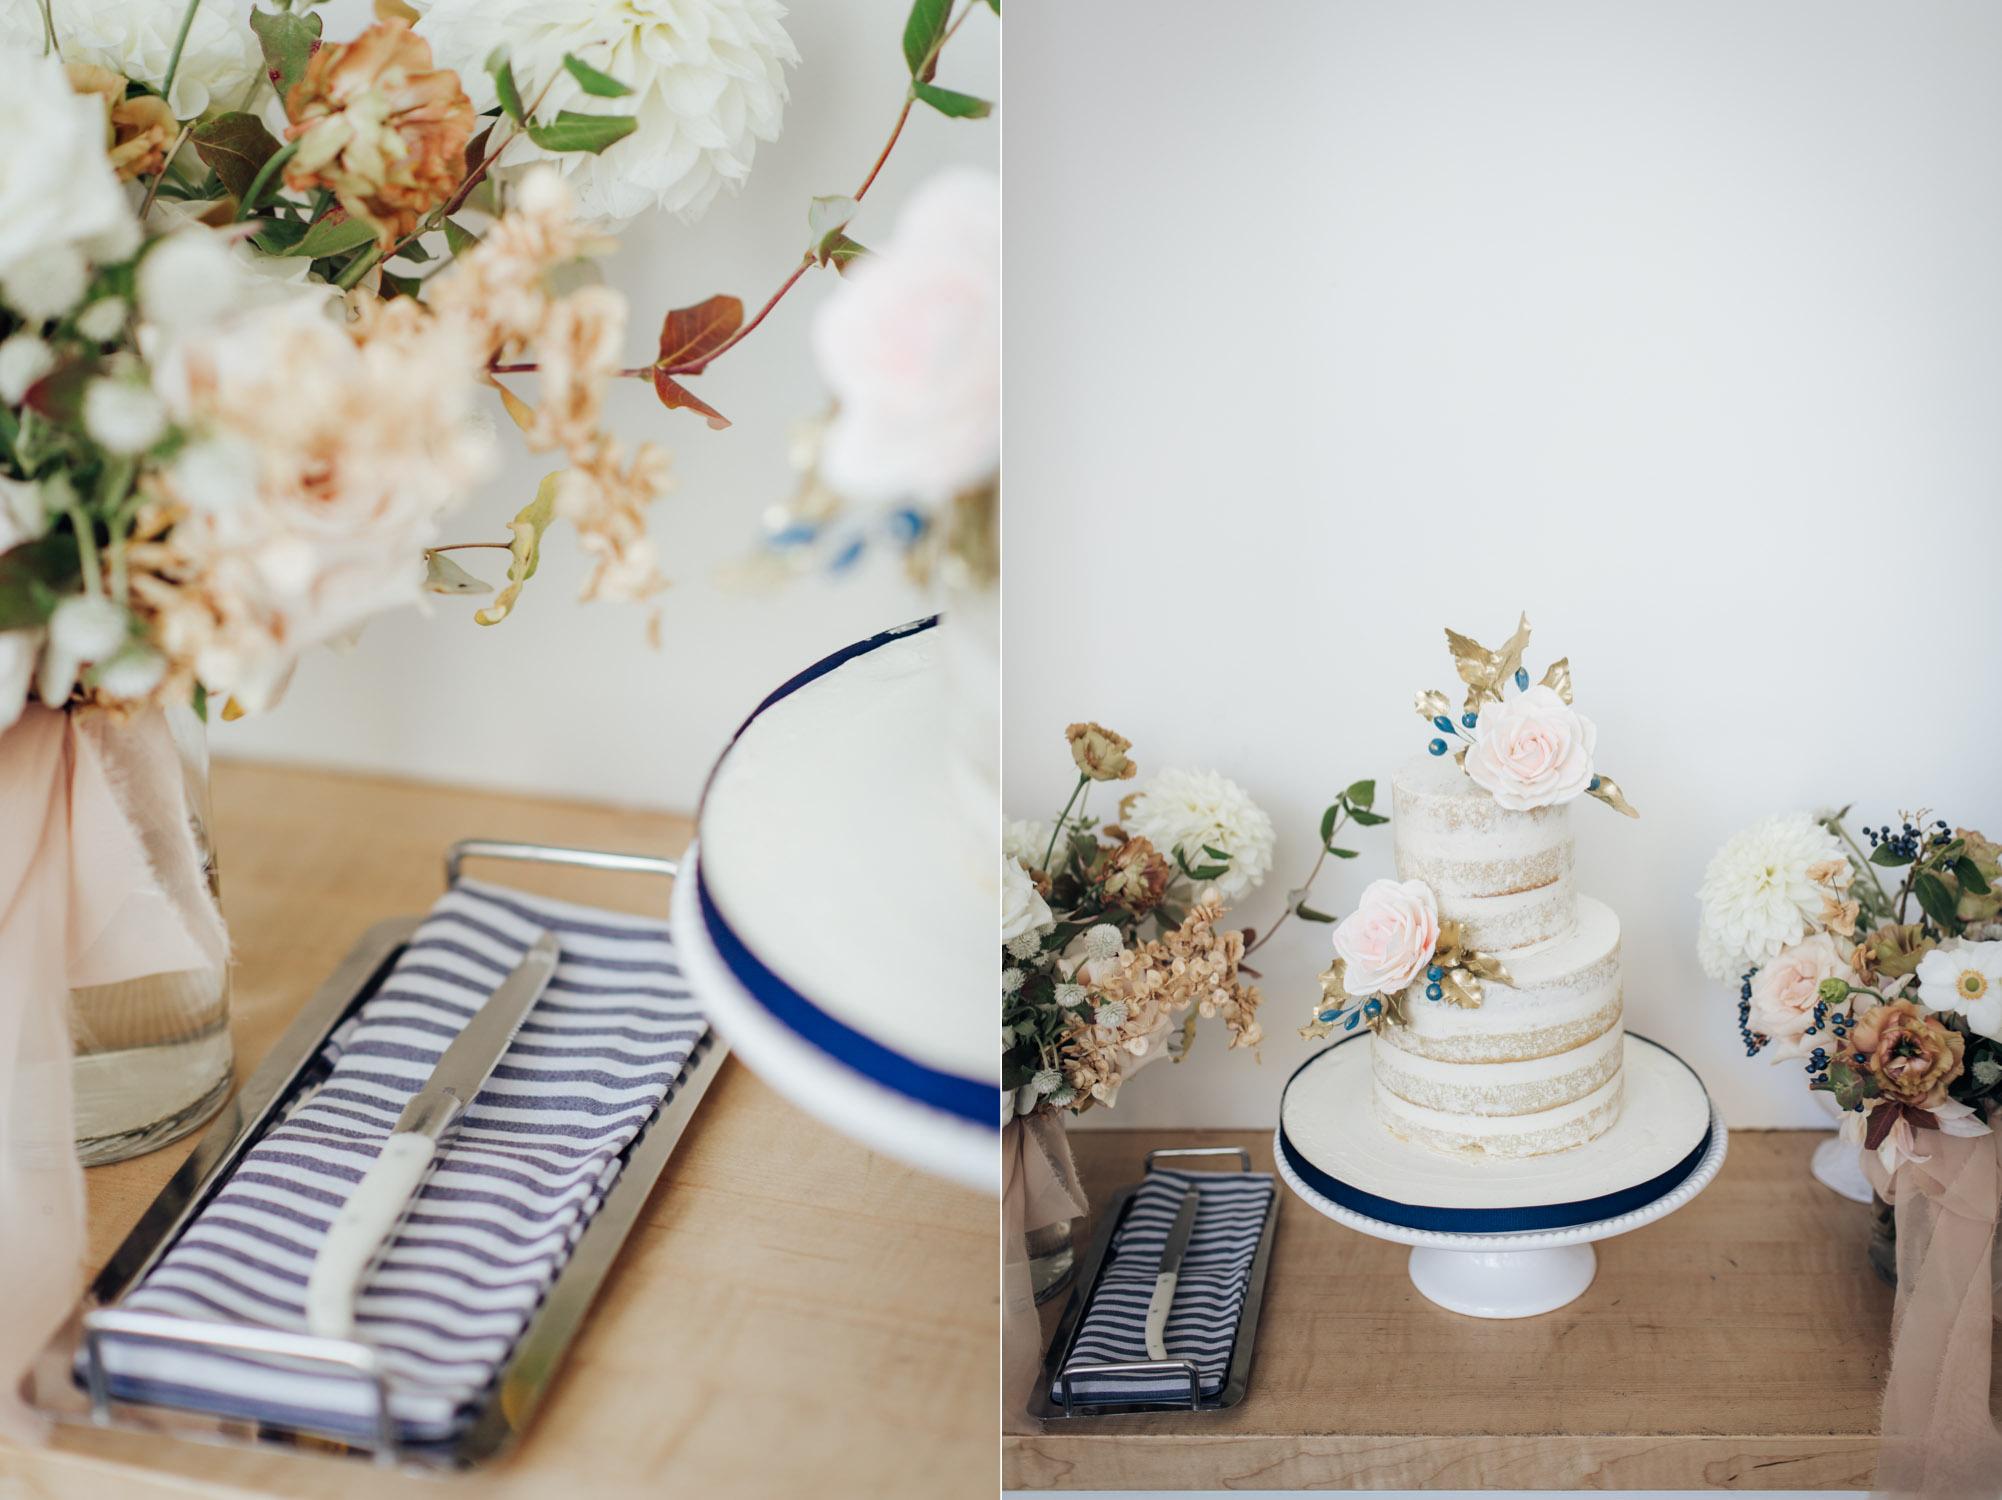 Toronto Colette grand cafe Wedding Reception Cake design